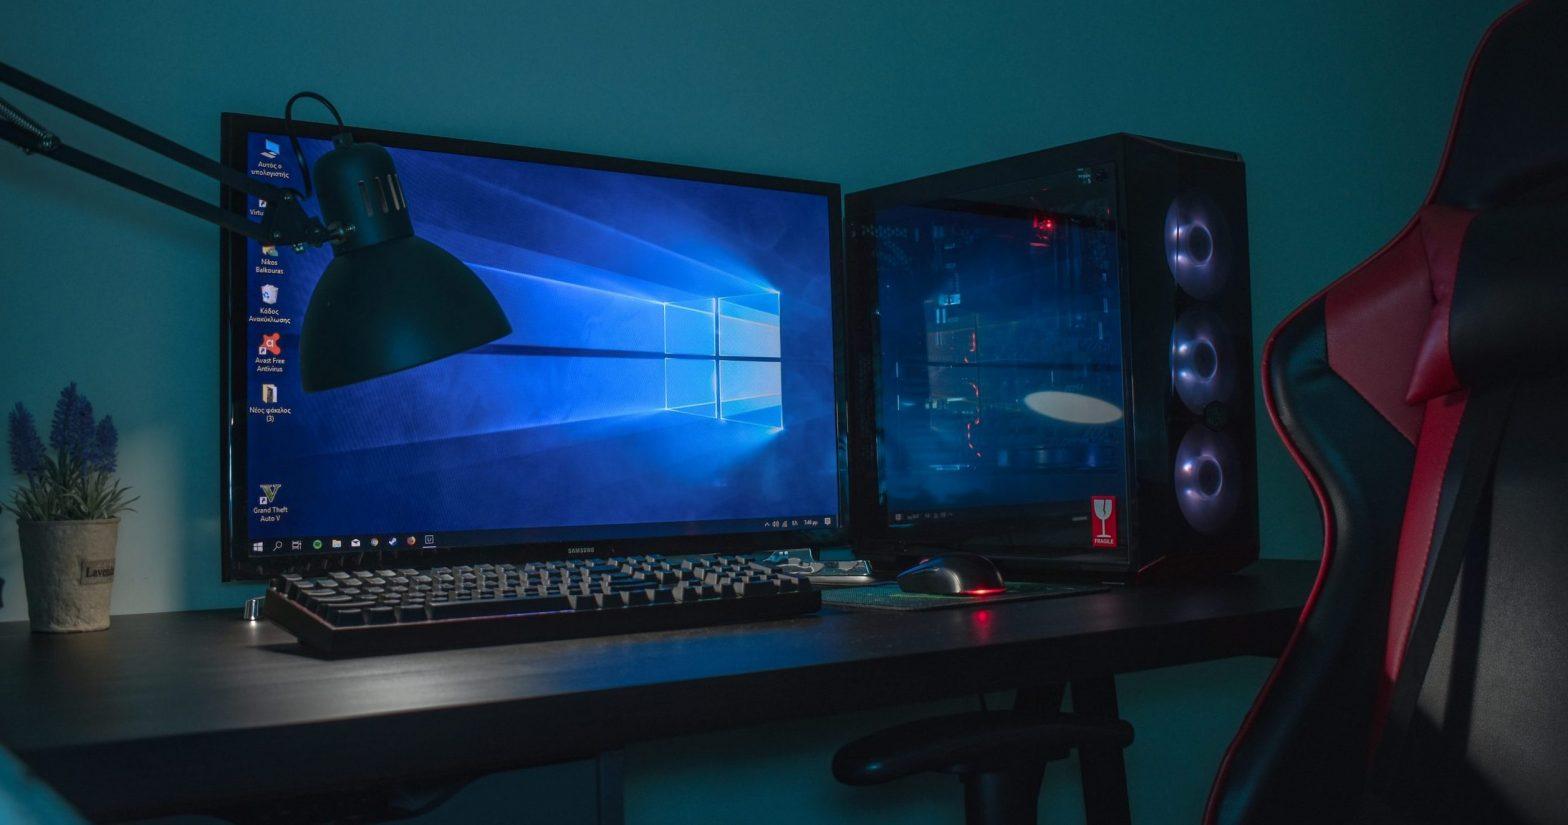 05 Dicas para montar um PC Gamer: O que não pode faltar?